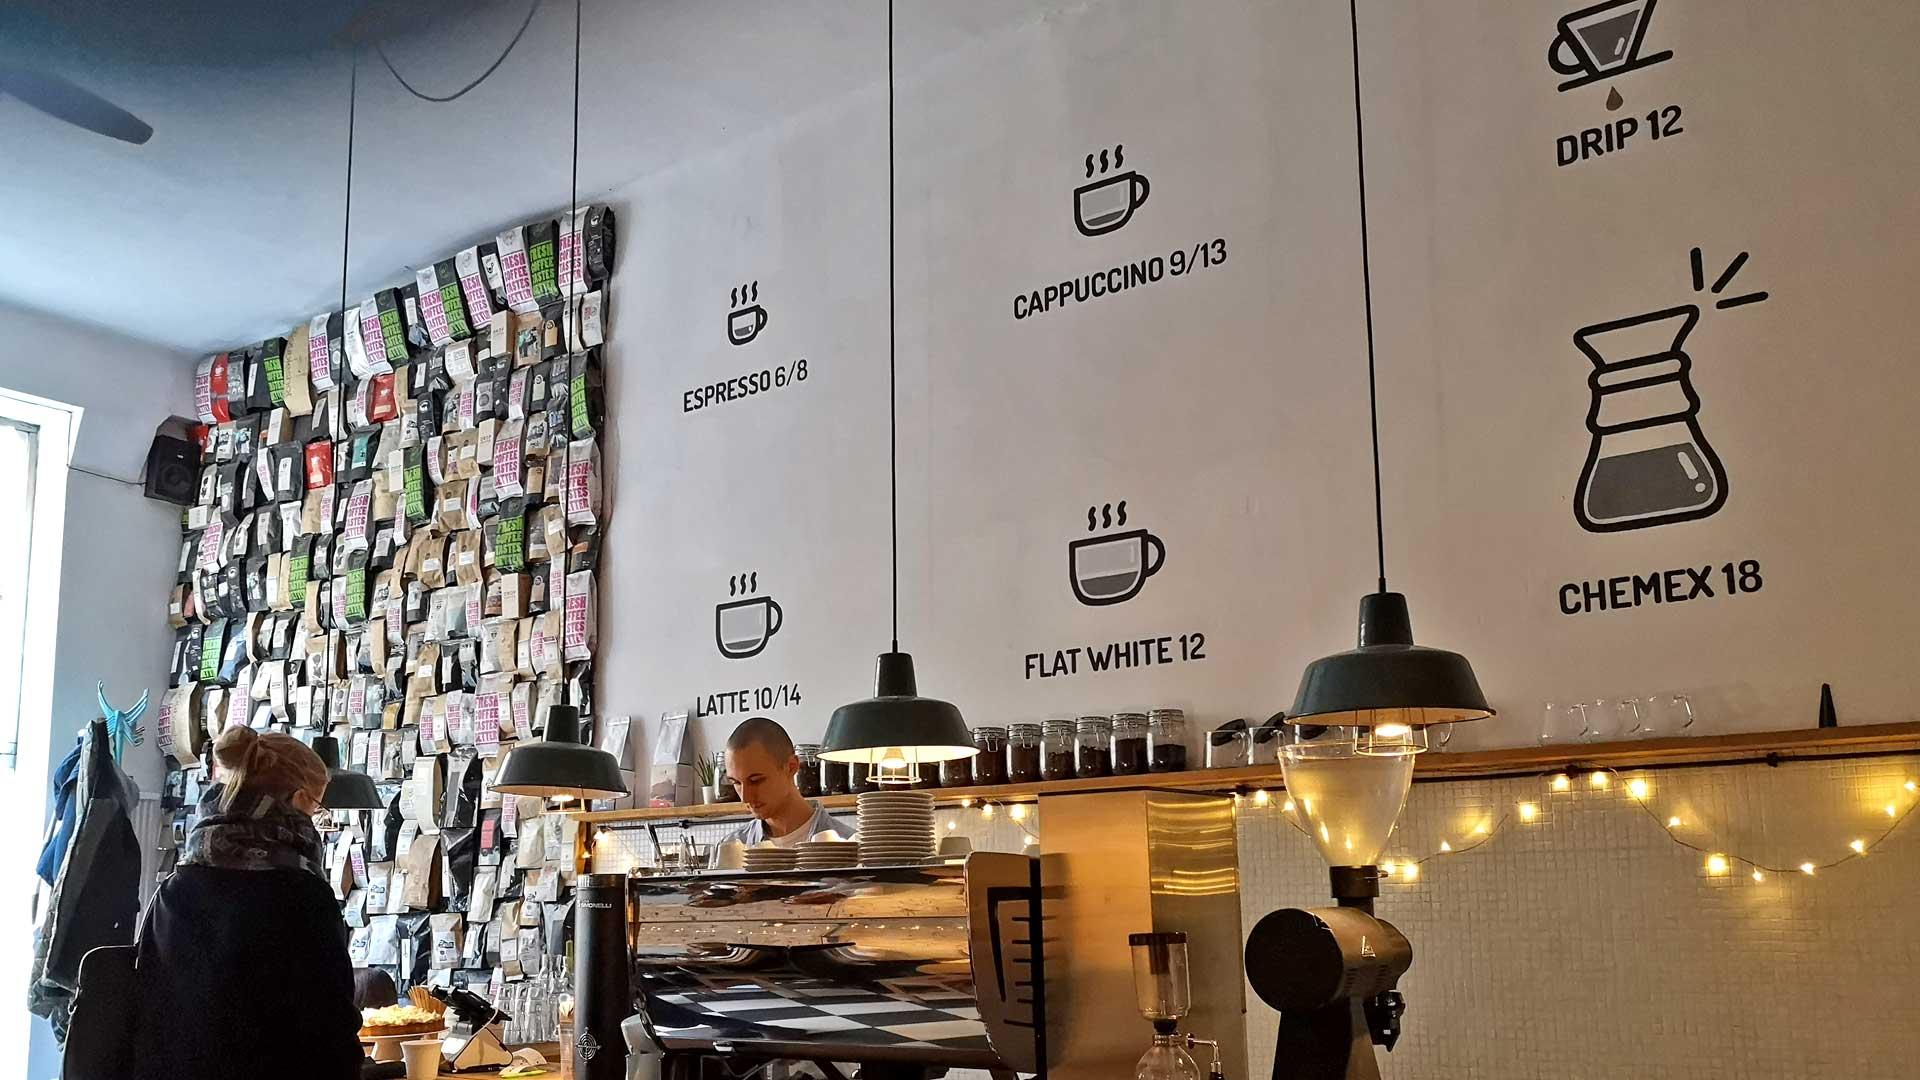 Wie magst du deinen Kaffee am liebsten? Im Stragan Kawiarnia gibt es viele Möglichkeiten, Kaffee zu trinken.